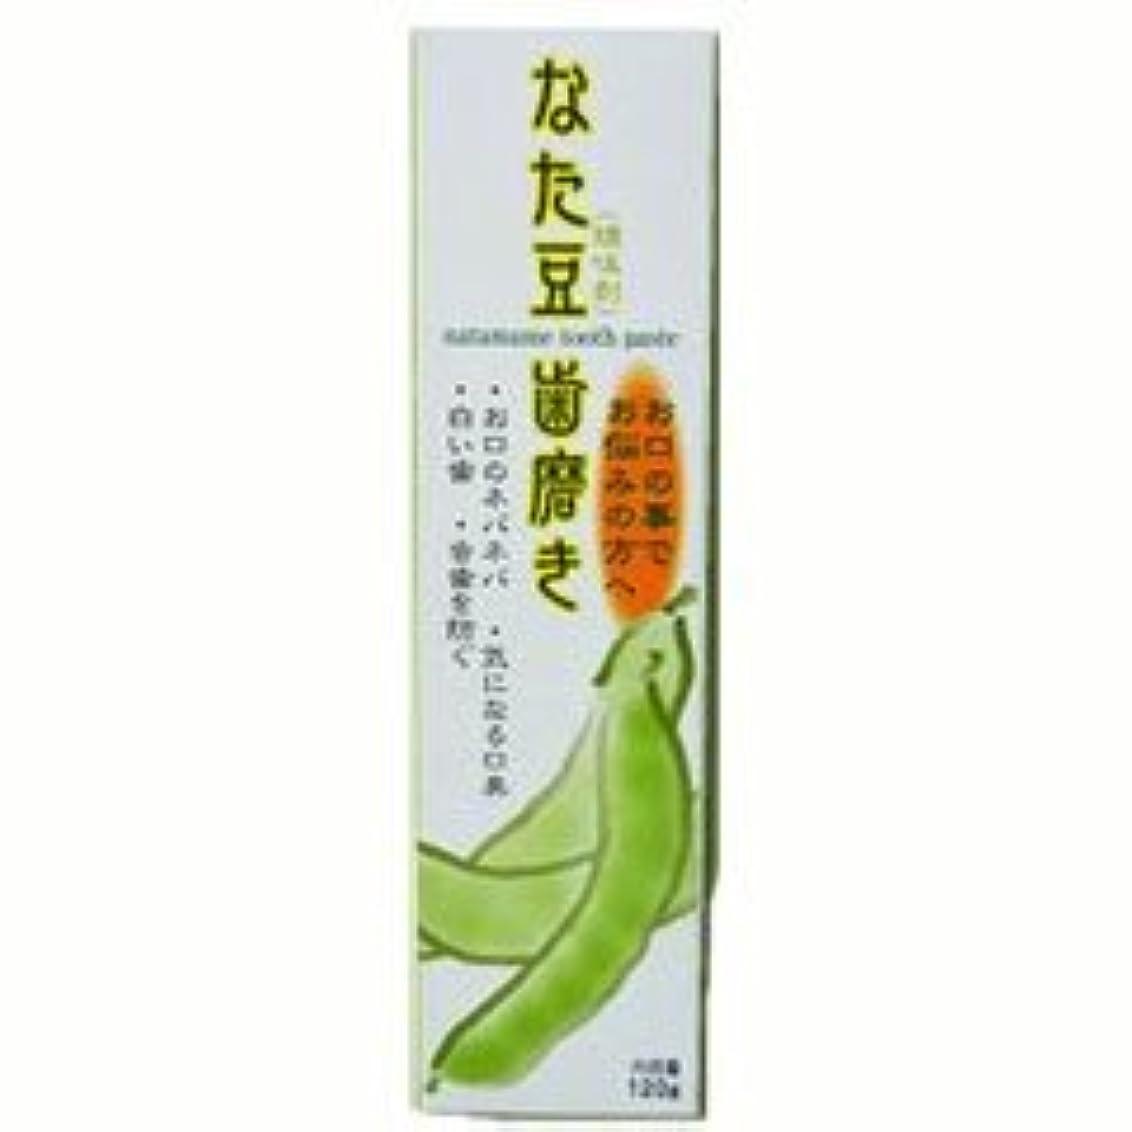 間隔レガシーベギン【モルゲンロート】なた豆歯磨き 120g